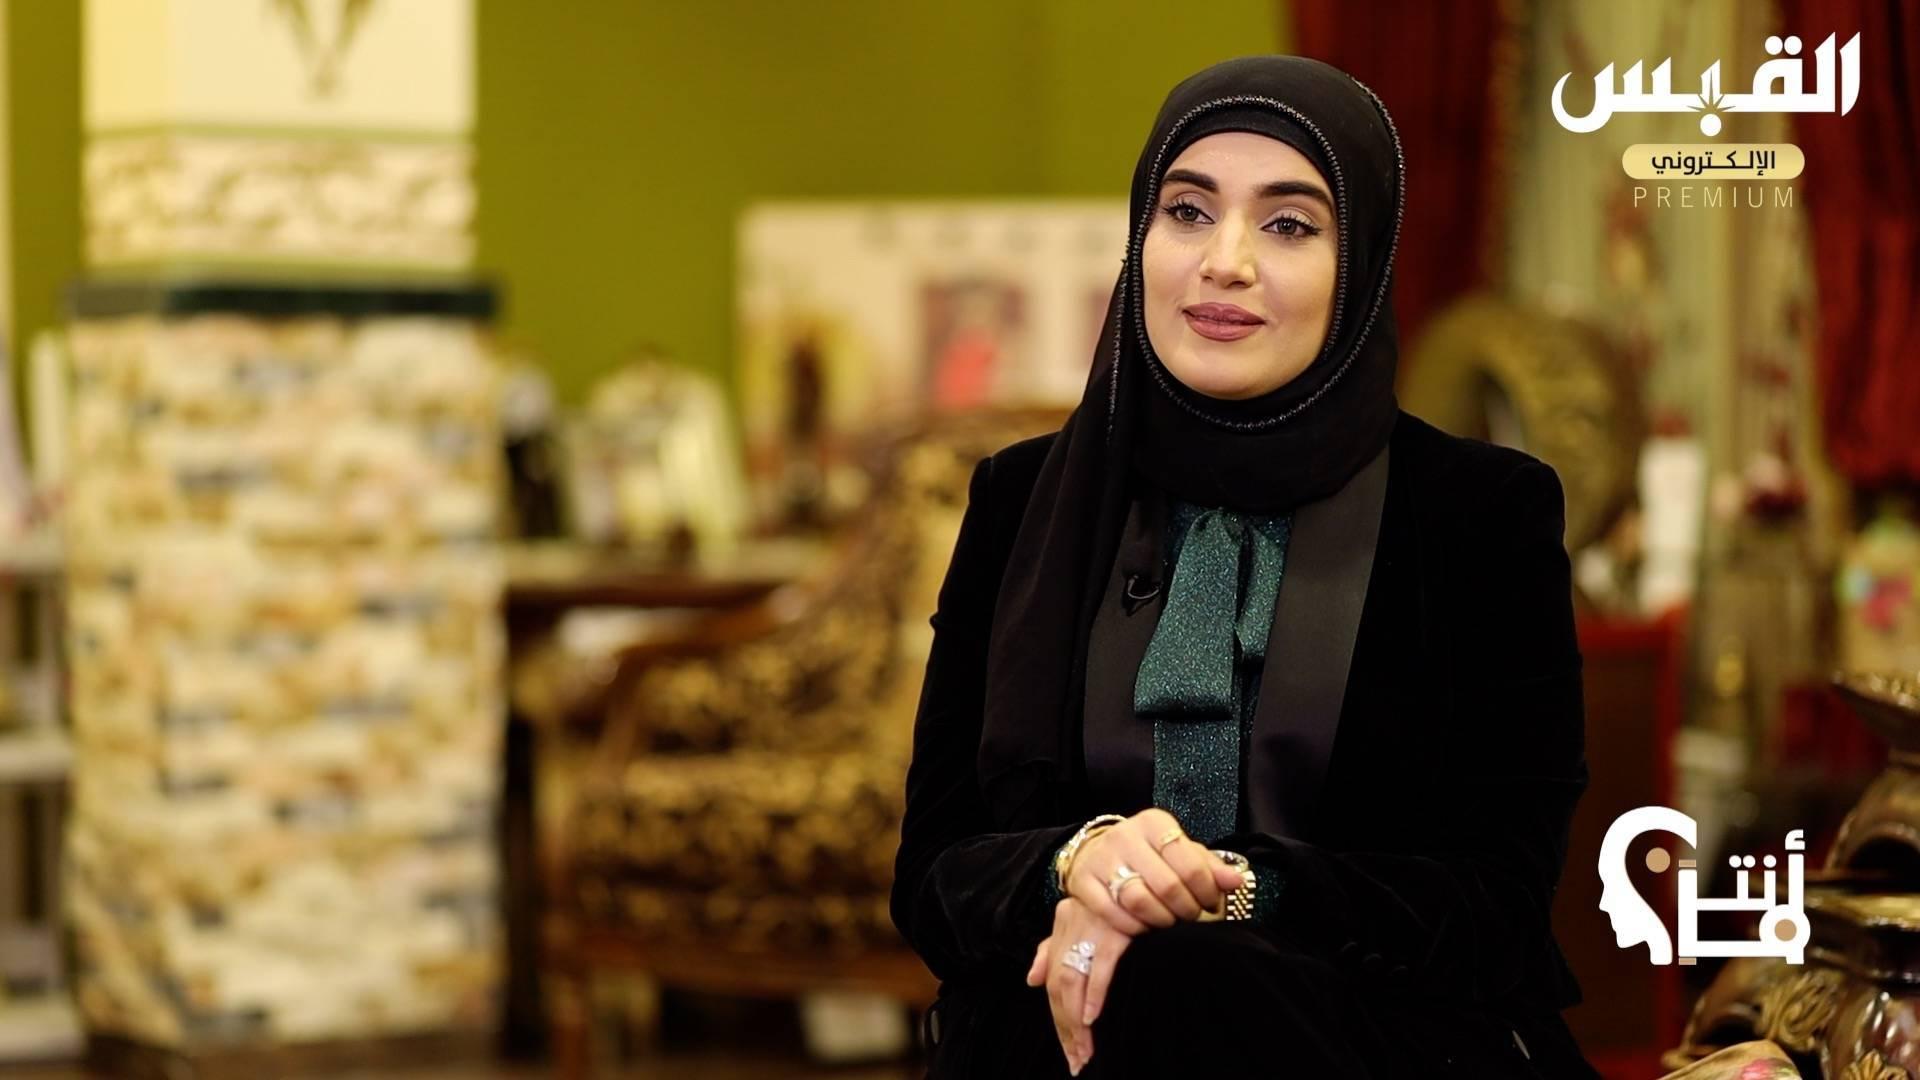 «نجمة» الشمالي.. تضيئ سماء الإعلام الكويتي